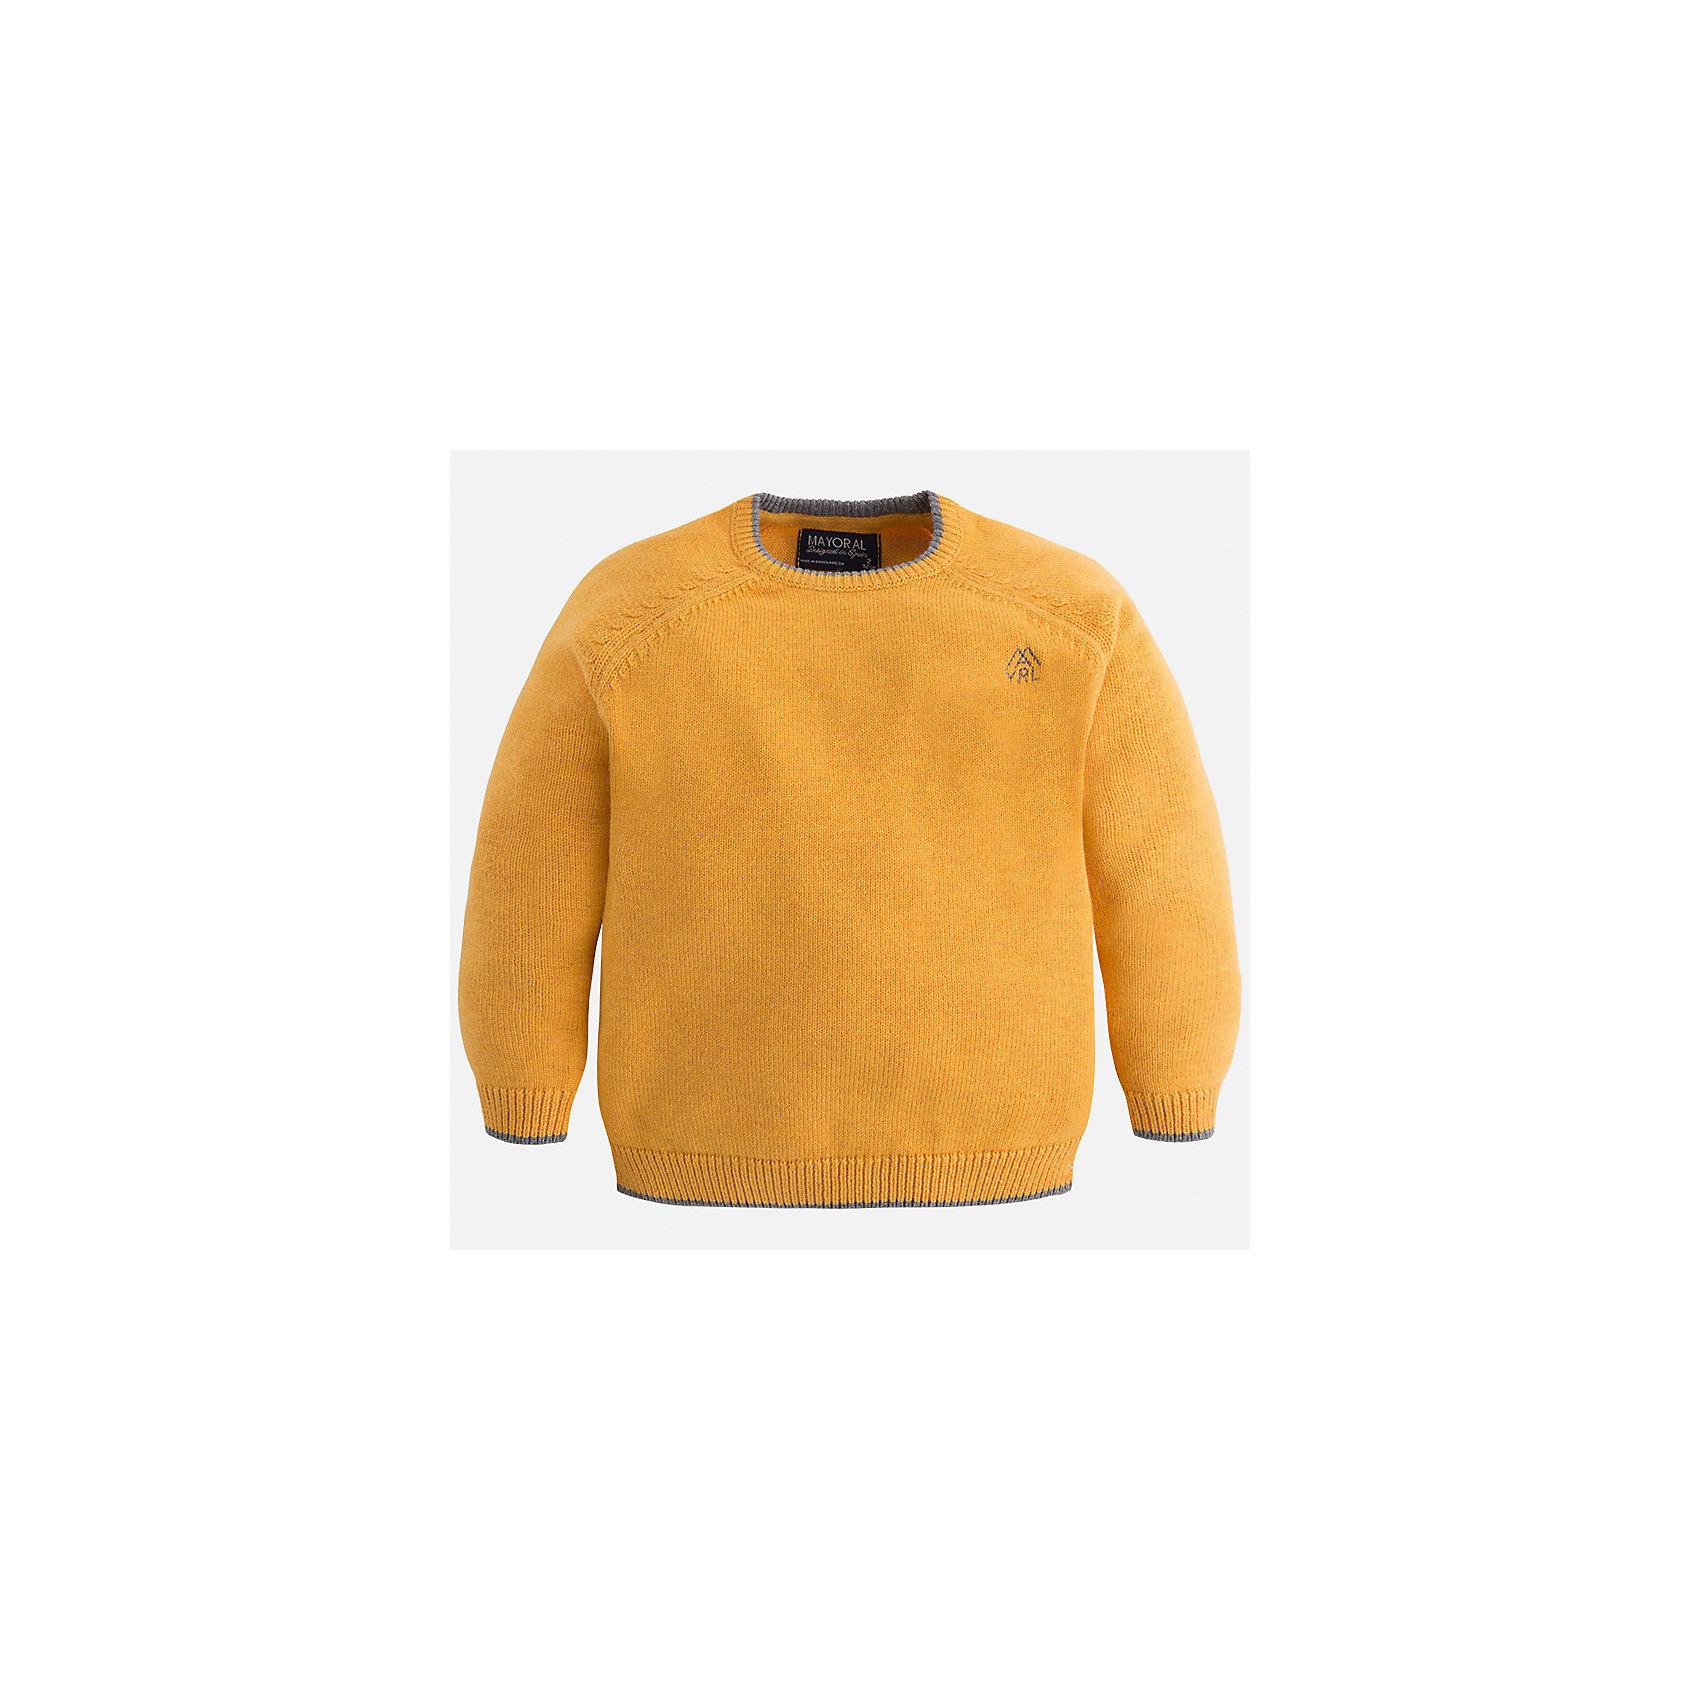 Свитер для мальчика MayoralСвитера и кардиганы<br>Характеристики товара:<br><br>• цвет: желтый;<br>• состав ткани: 60% хлопок, 30% полиамид, 10% шерсть;<br>• длинный рукав;<br>• однотонный;<br>• сезон: демисезон;<br>• страна бренда: Испания;<br>• страна изготовитель: Бангладеш.<br><br>Свитер для мальчика от популярного бренда Mayoral из натурально и мягкого 100% хлопка тонкой вязки с добавлением шерсти, декорирован принтом в виде логотипа с вышивкой. Имеет круглый вырез и уплотненные края на руковах и поясе  с контрастной  оконтовкой. Очень практичный и долгий в носке, цвет нетускнеет, смотрится аккуратно и стильно.<br><br>Для производства детской одежды популярный бренд Mayoral используют только качественную фурнитуру и материалы. Оригинальные и модные вещи от Майорал неизменно привлекают внимание и нравятся детям.<br><br>Свитер для мальчика Mayoral (Майорал) можно купить в нашем интернет-магазине.<br><br>Ширина мм: 190<br>Глубина мм: 74<br>Высота мм: 229<br>Вес г: 236<br>Цвет: оранжевый<br>Возраст от месяцев: 96<br>Возраст до месяцев: 108<br>Пол: Мужской<br>Возраст: Детский<br>Размер: 134,92,98,104,110,116,122,128<br>SKU: 6931787